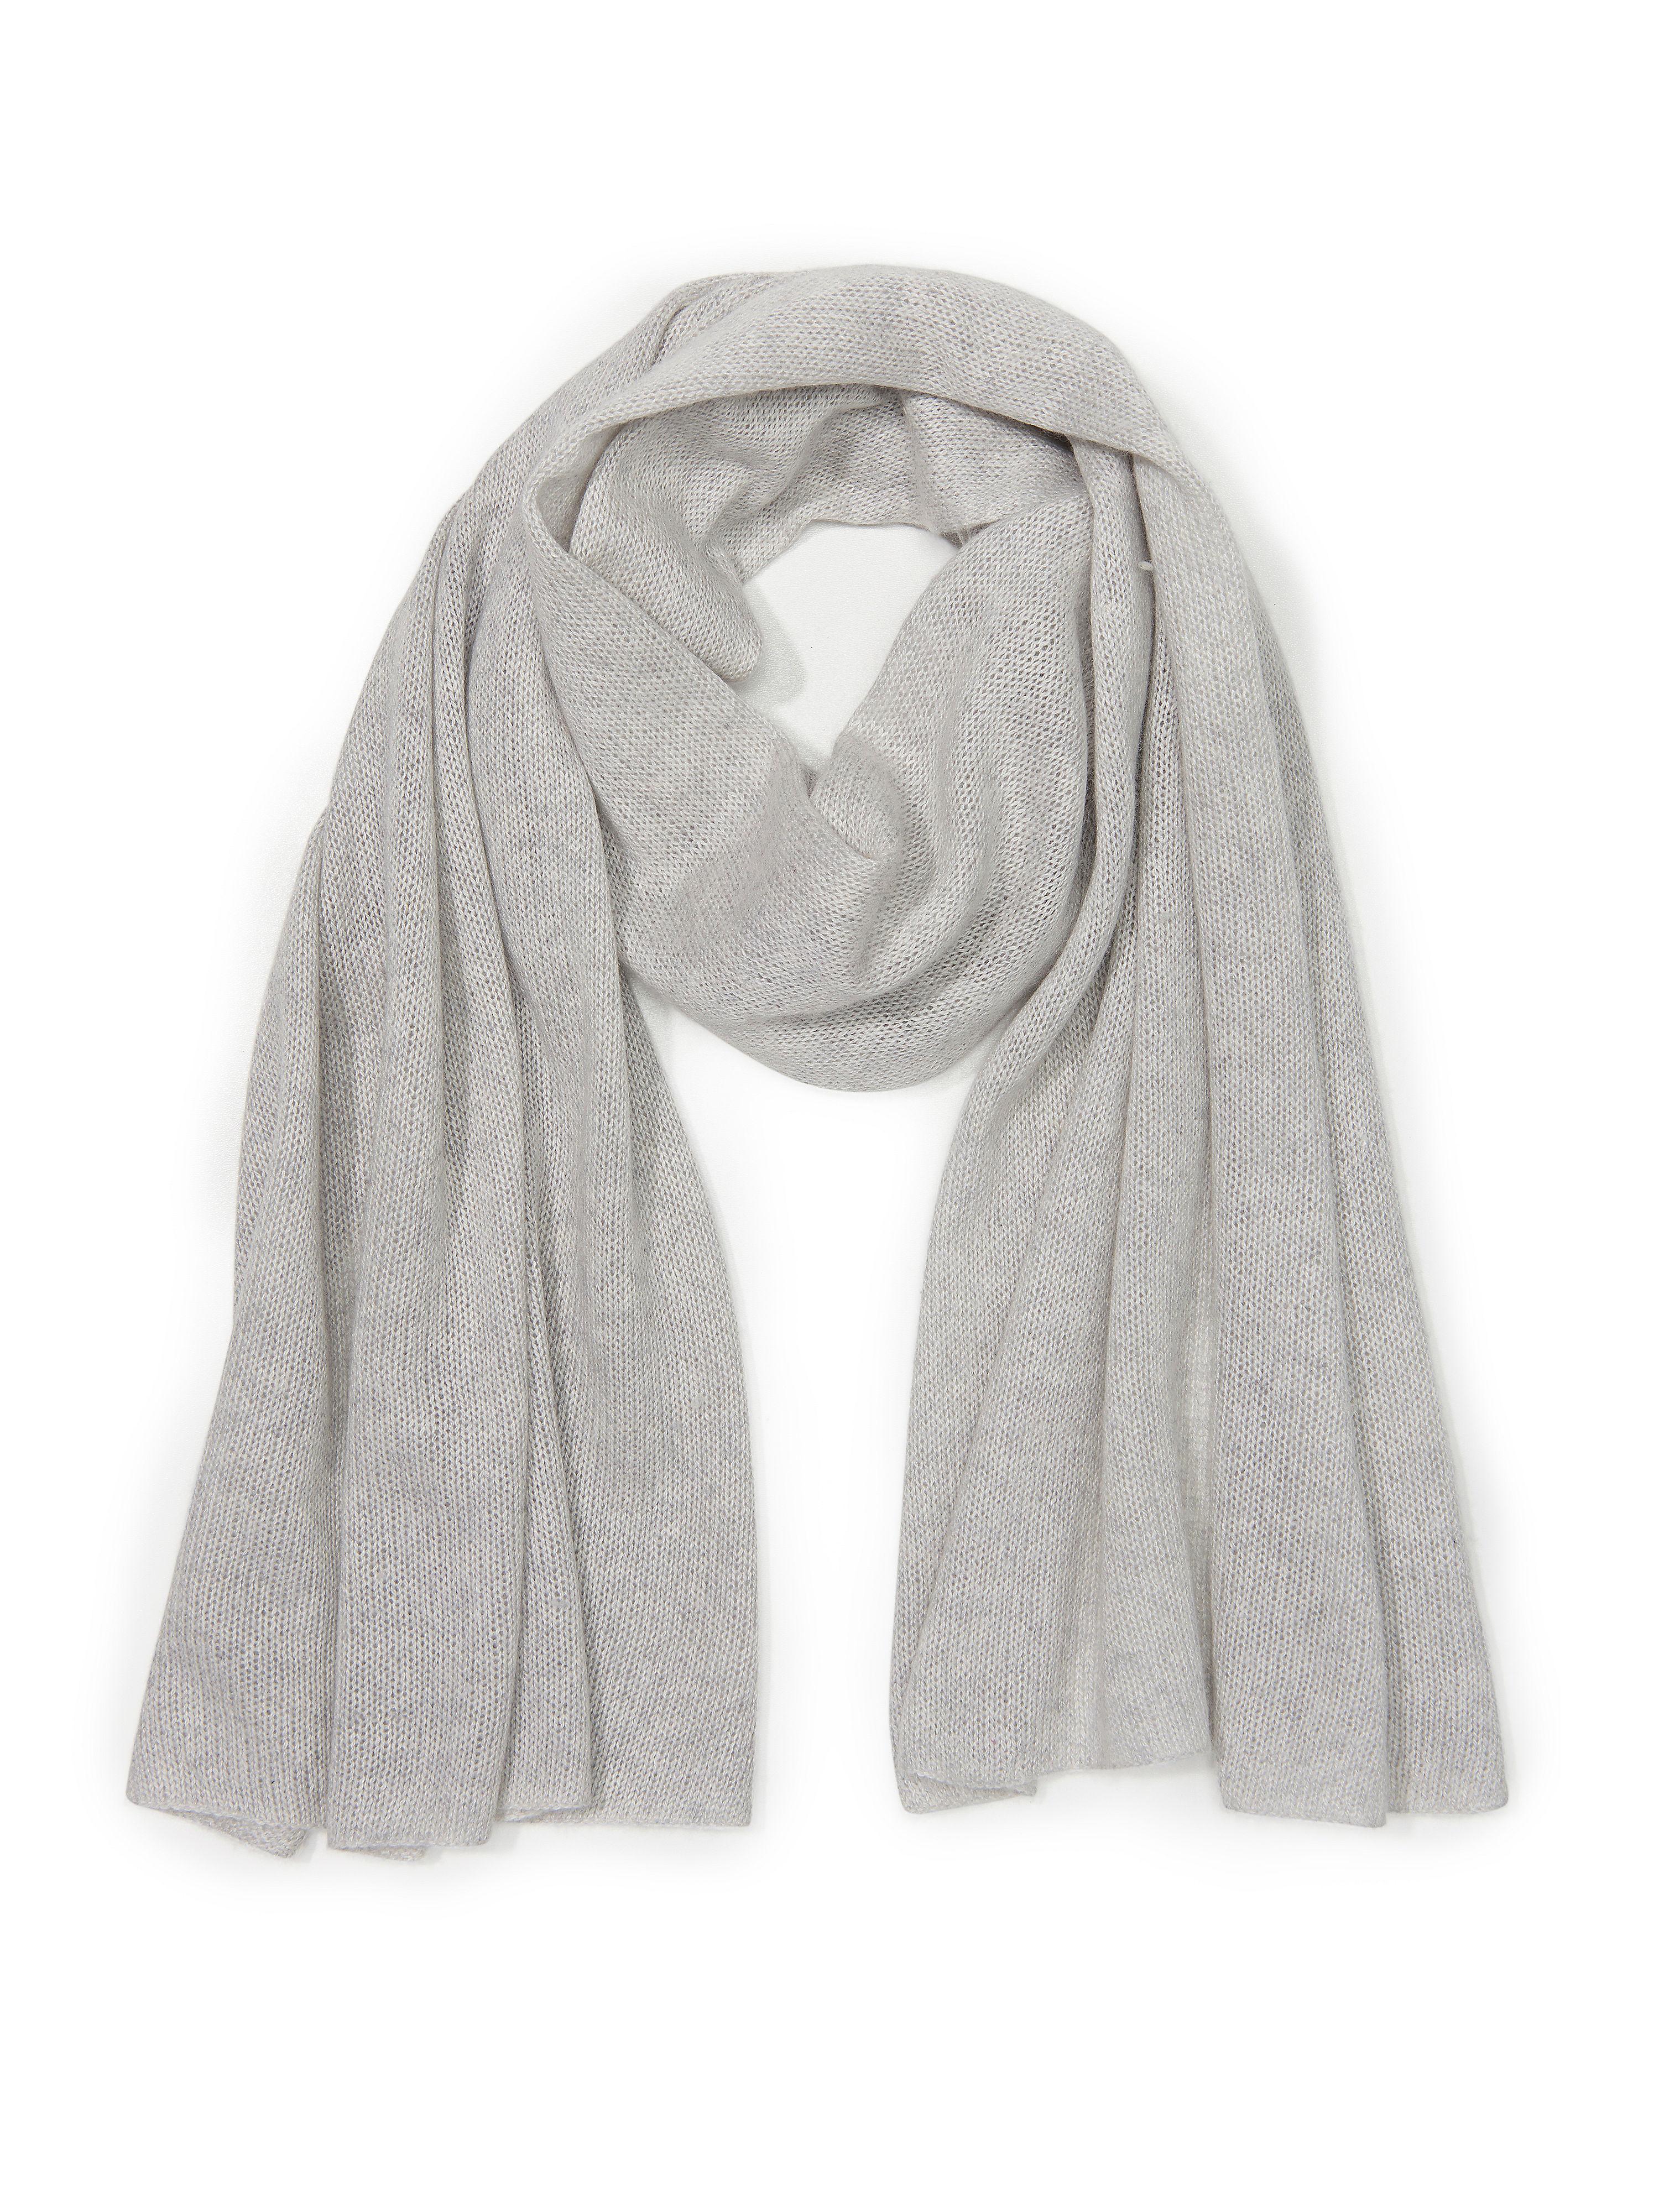 Schal aus Seide Kaschmir Peter Hahn grau: Schal aus Seide Kaschmir Peter Hahn grau für Damen und Herren in grau